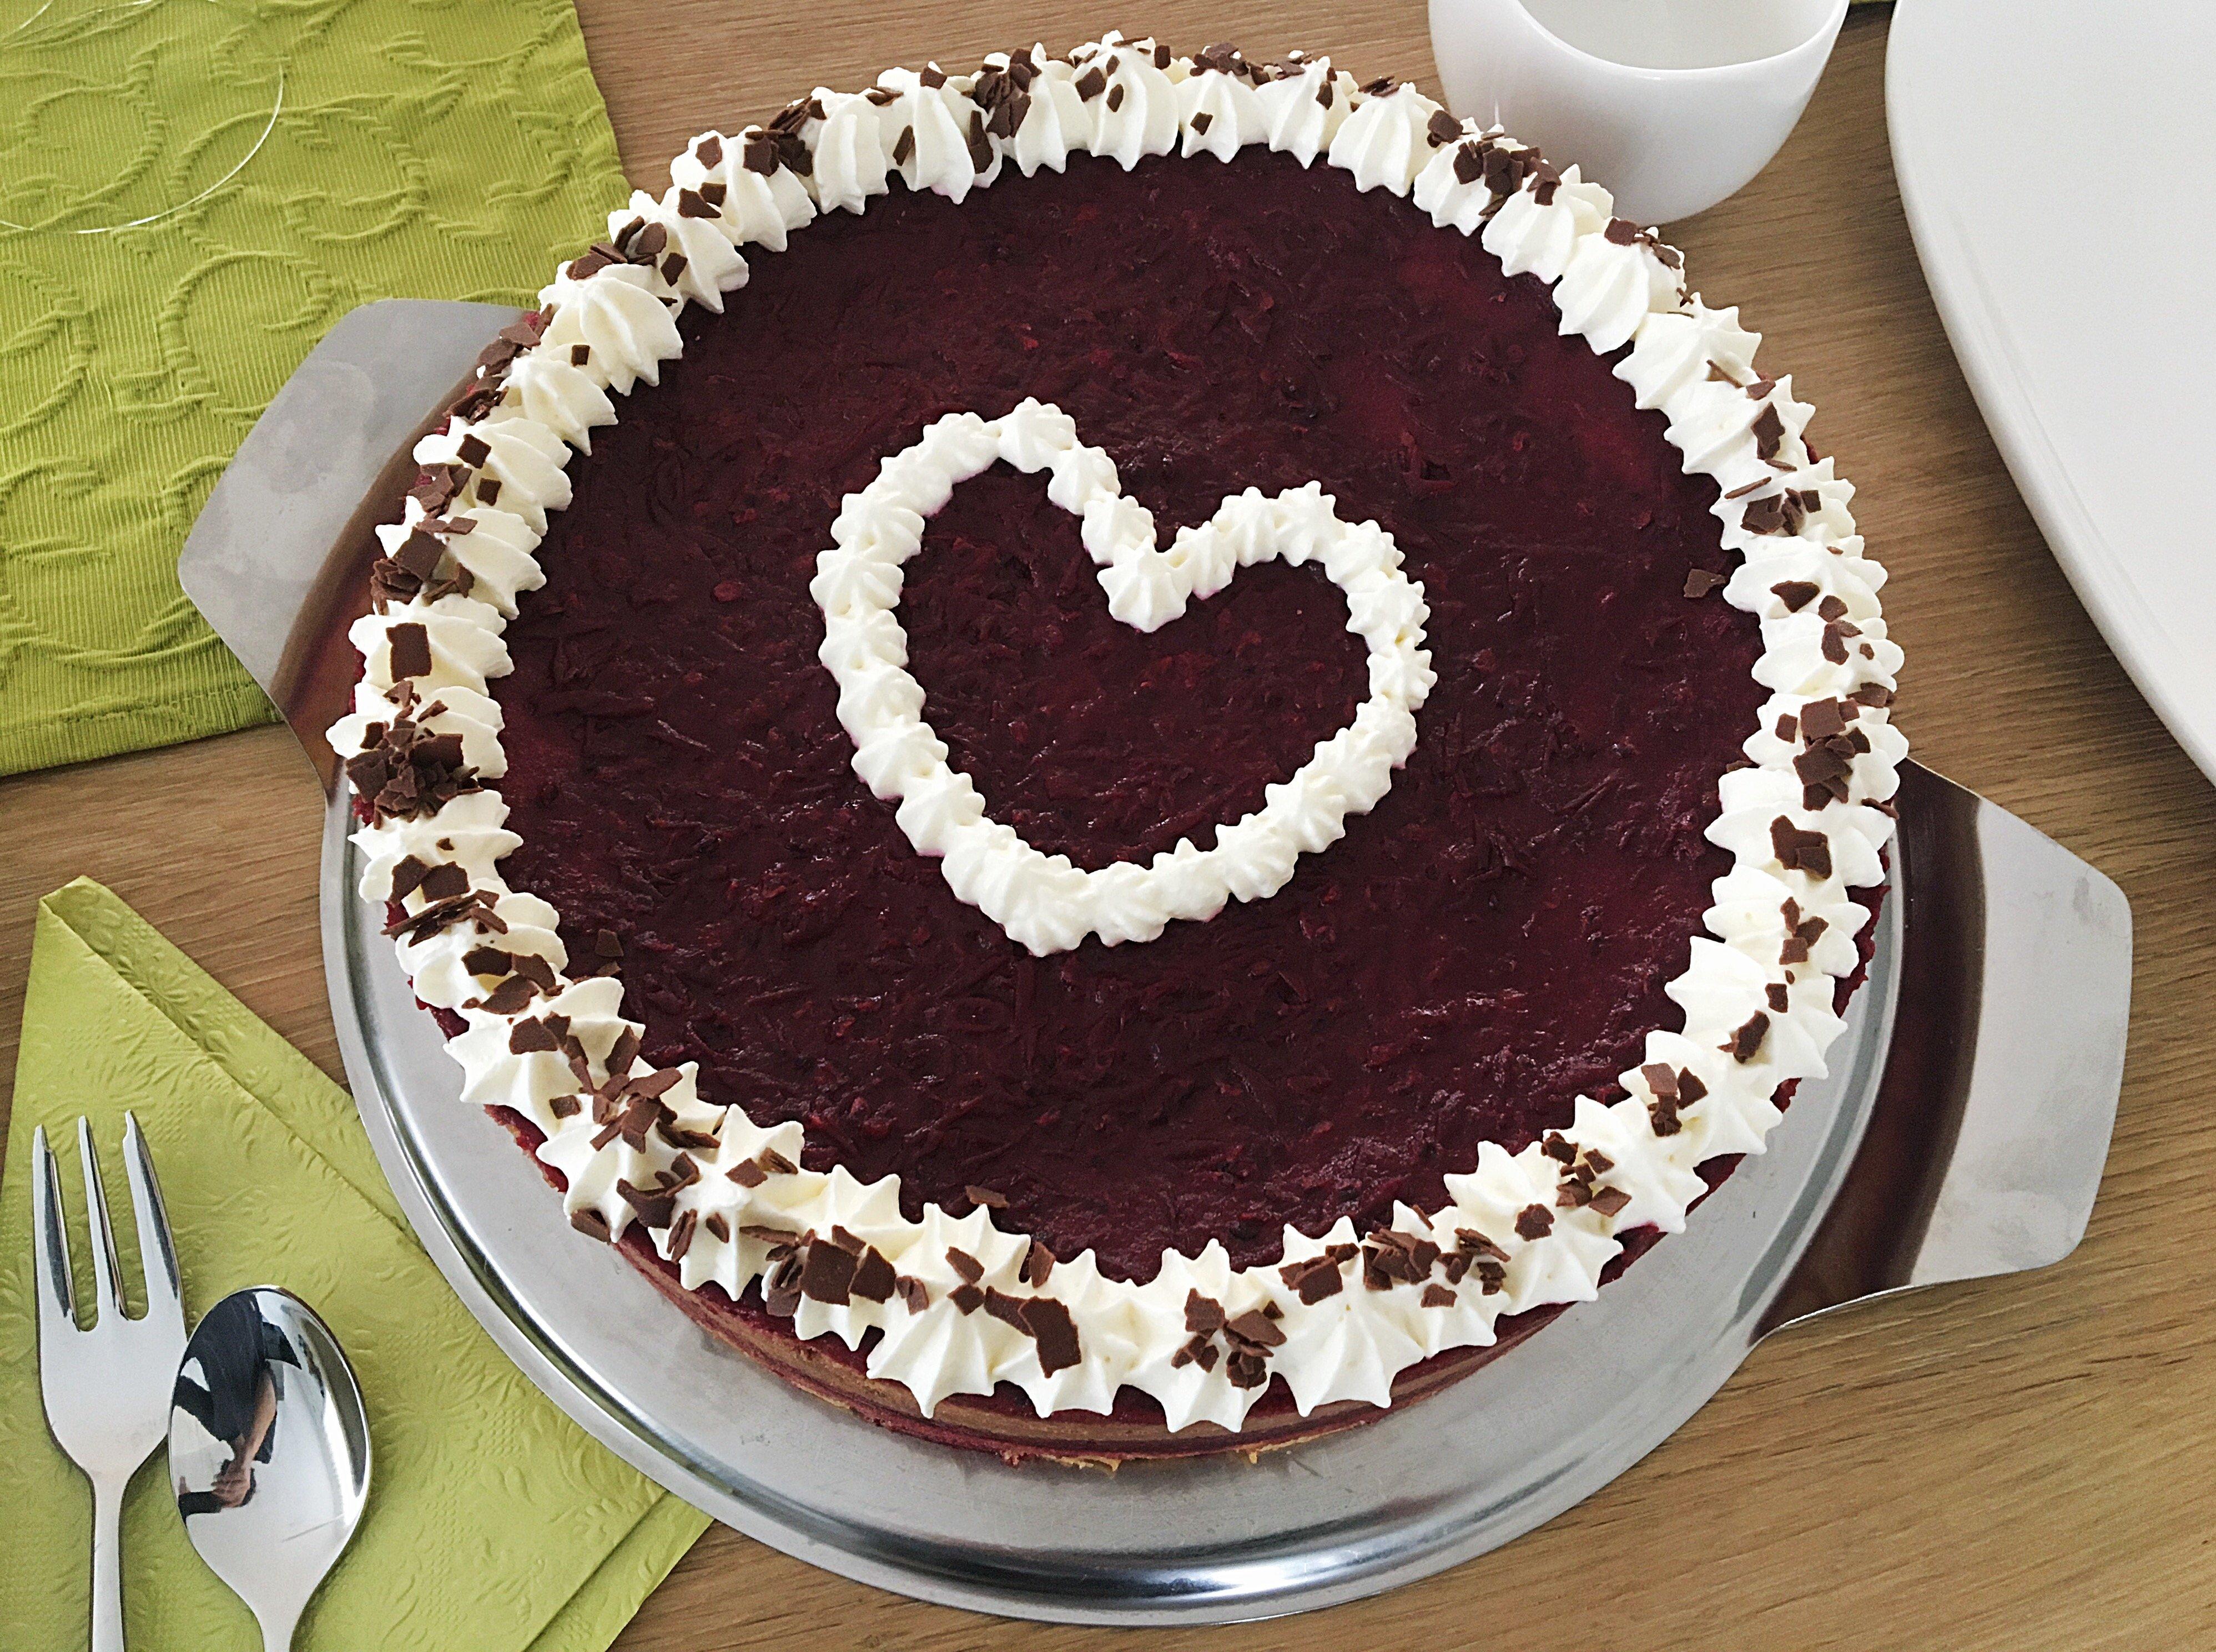 Foto 20.01.18 12 52 35 - Einfach köstliche Beeren-Schoko-Torte